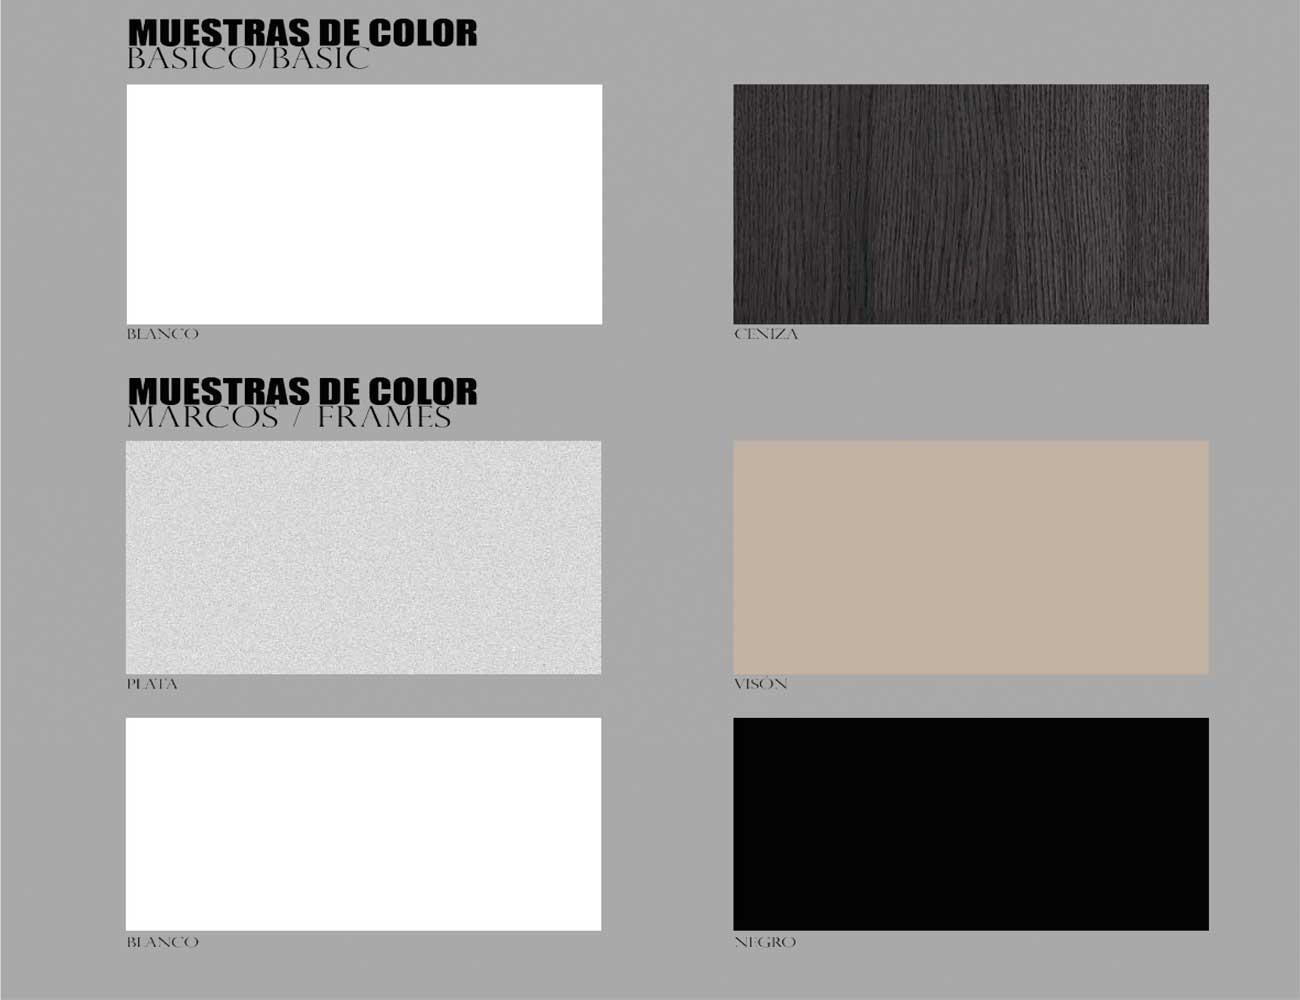 Colores tecnico8